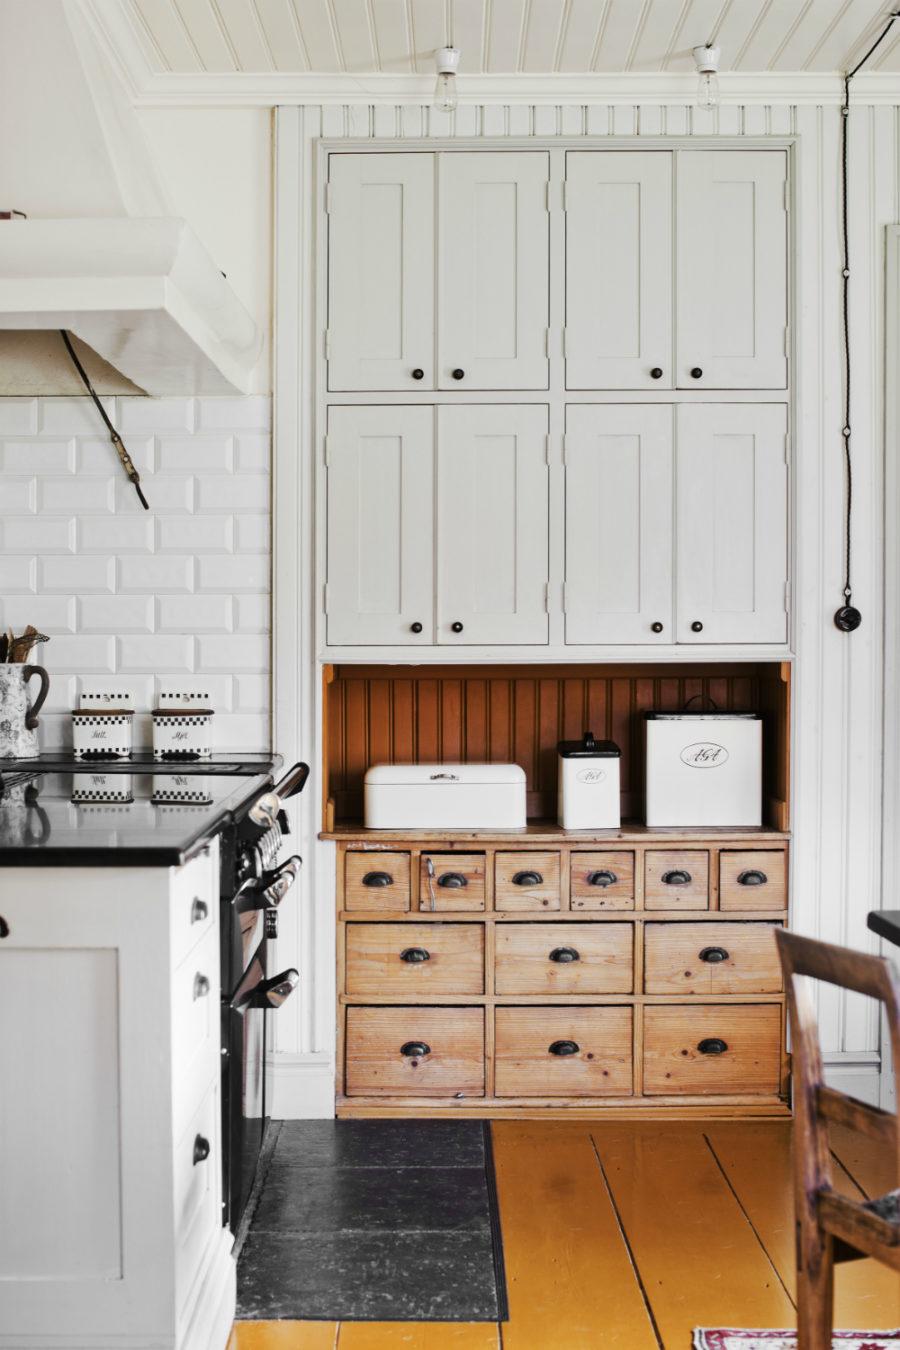 Современные тенденции в дизайне кухни в вашем доме - множество выдвижных ящиков